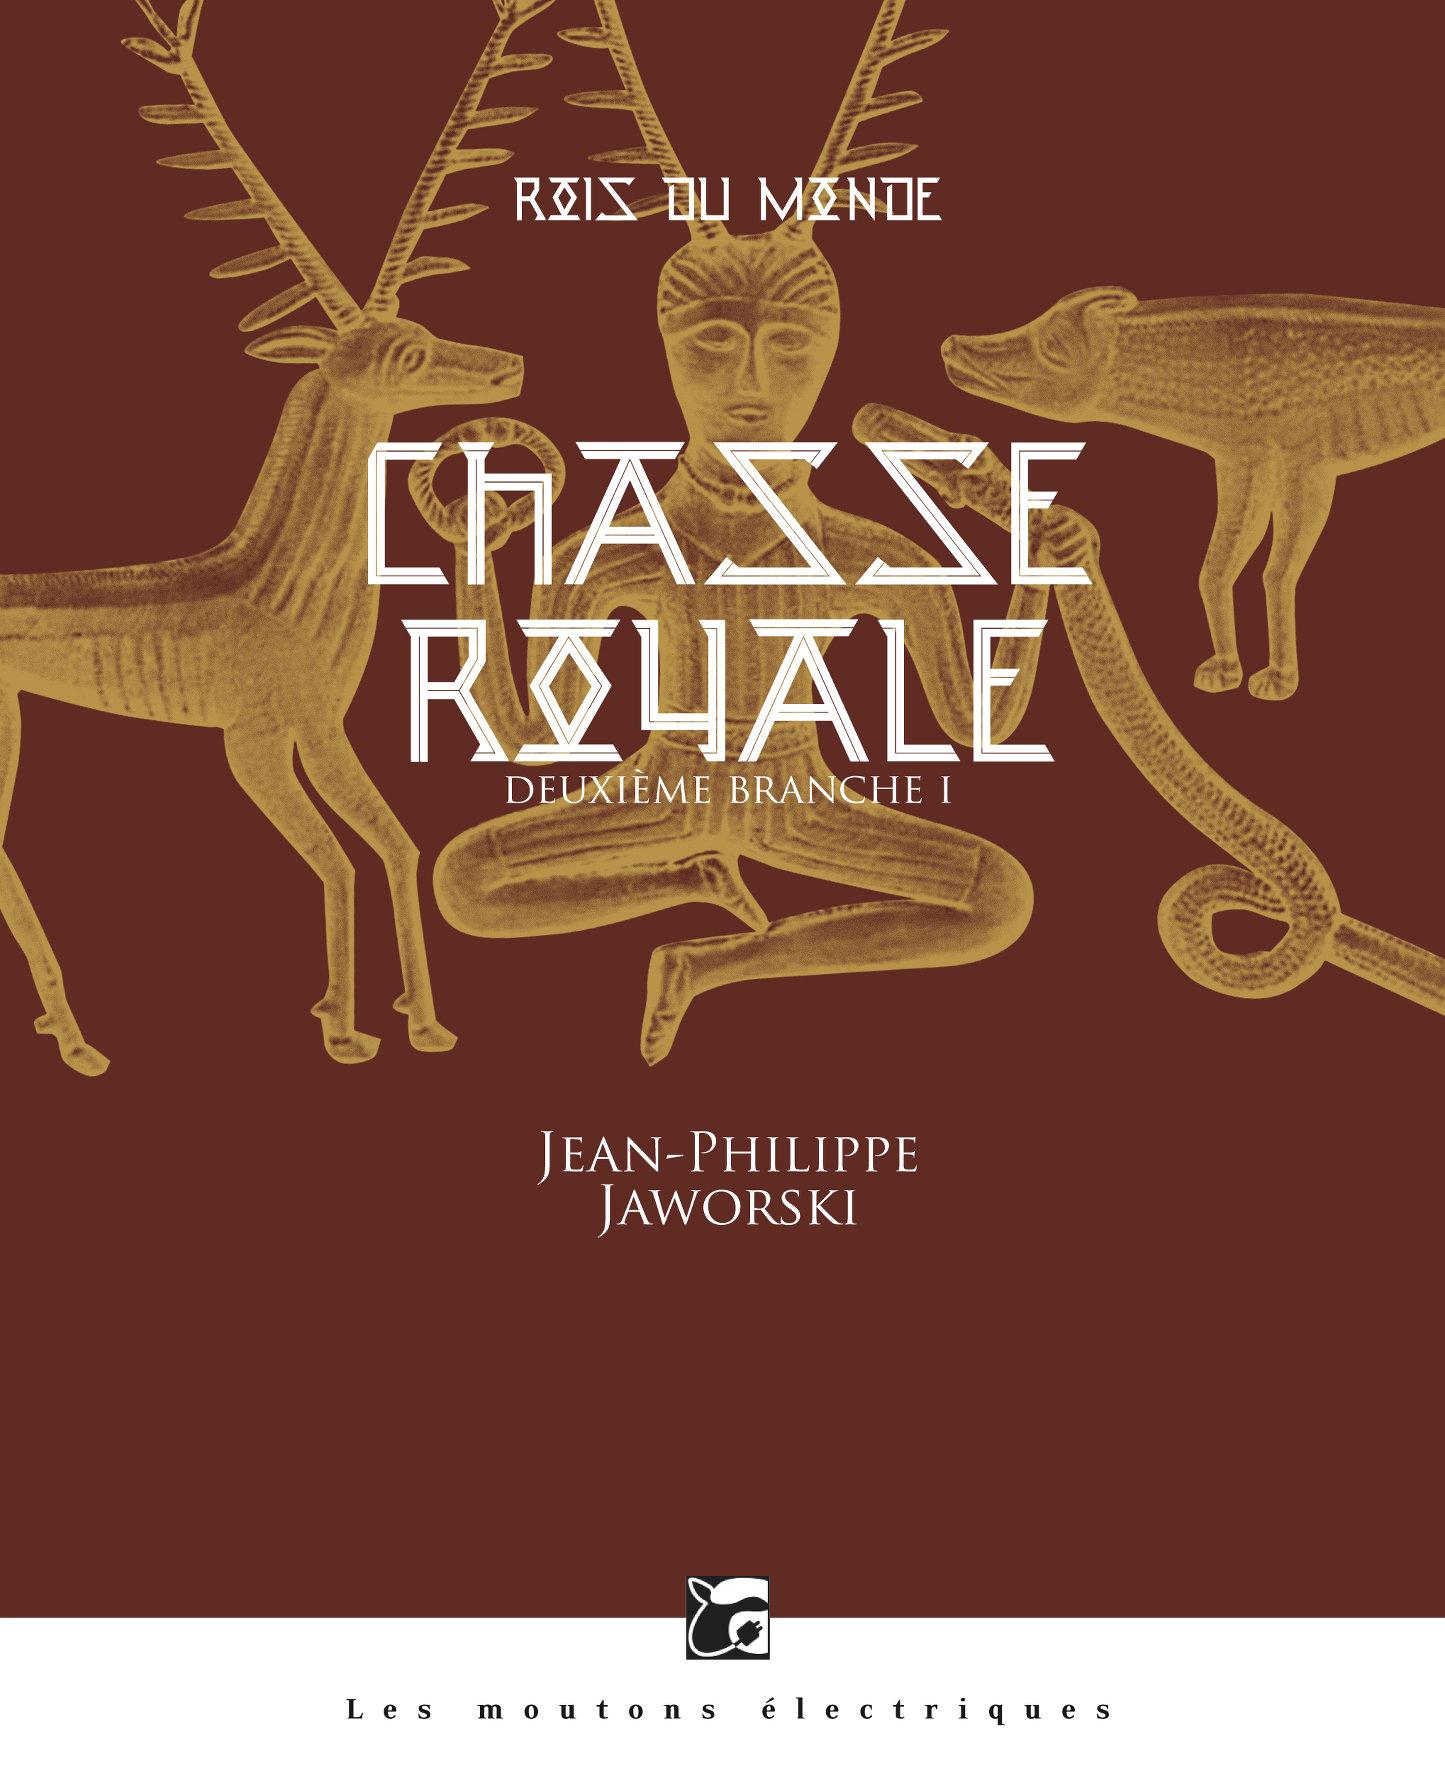 Chasse royale - Rois du mon...